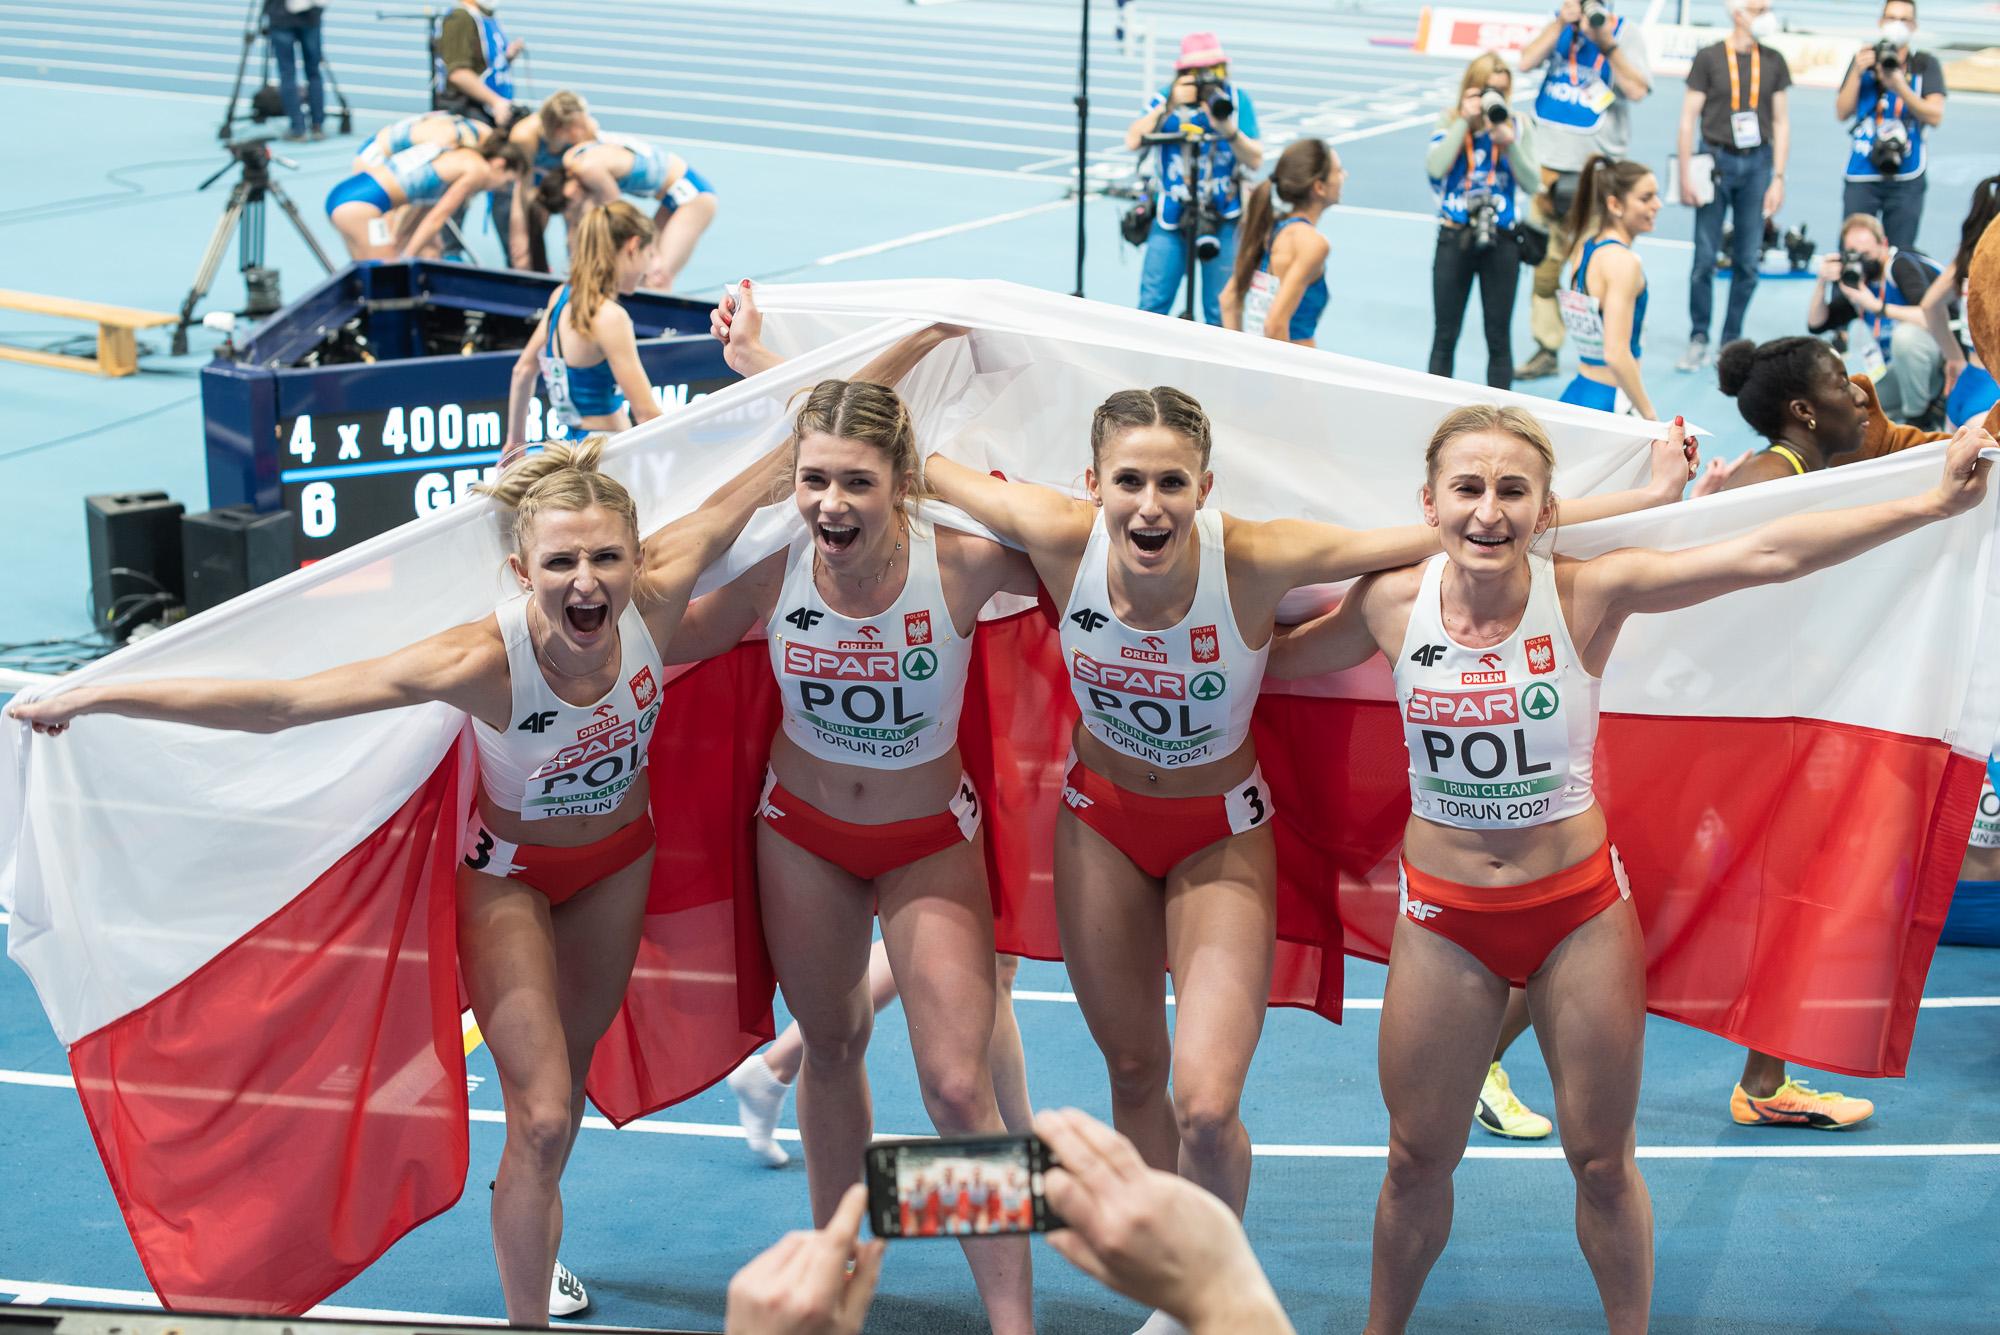 Bełchatowianka brązową medalistką Mistrzostw Europy. Aleksandra Gaworska zaliczyła świetny występ - Zdjęcie główne